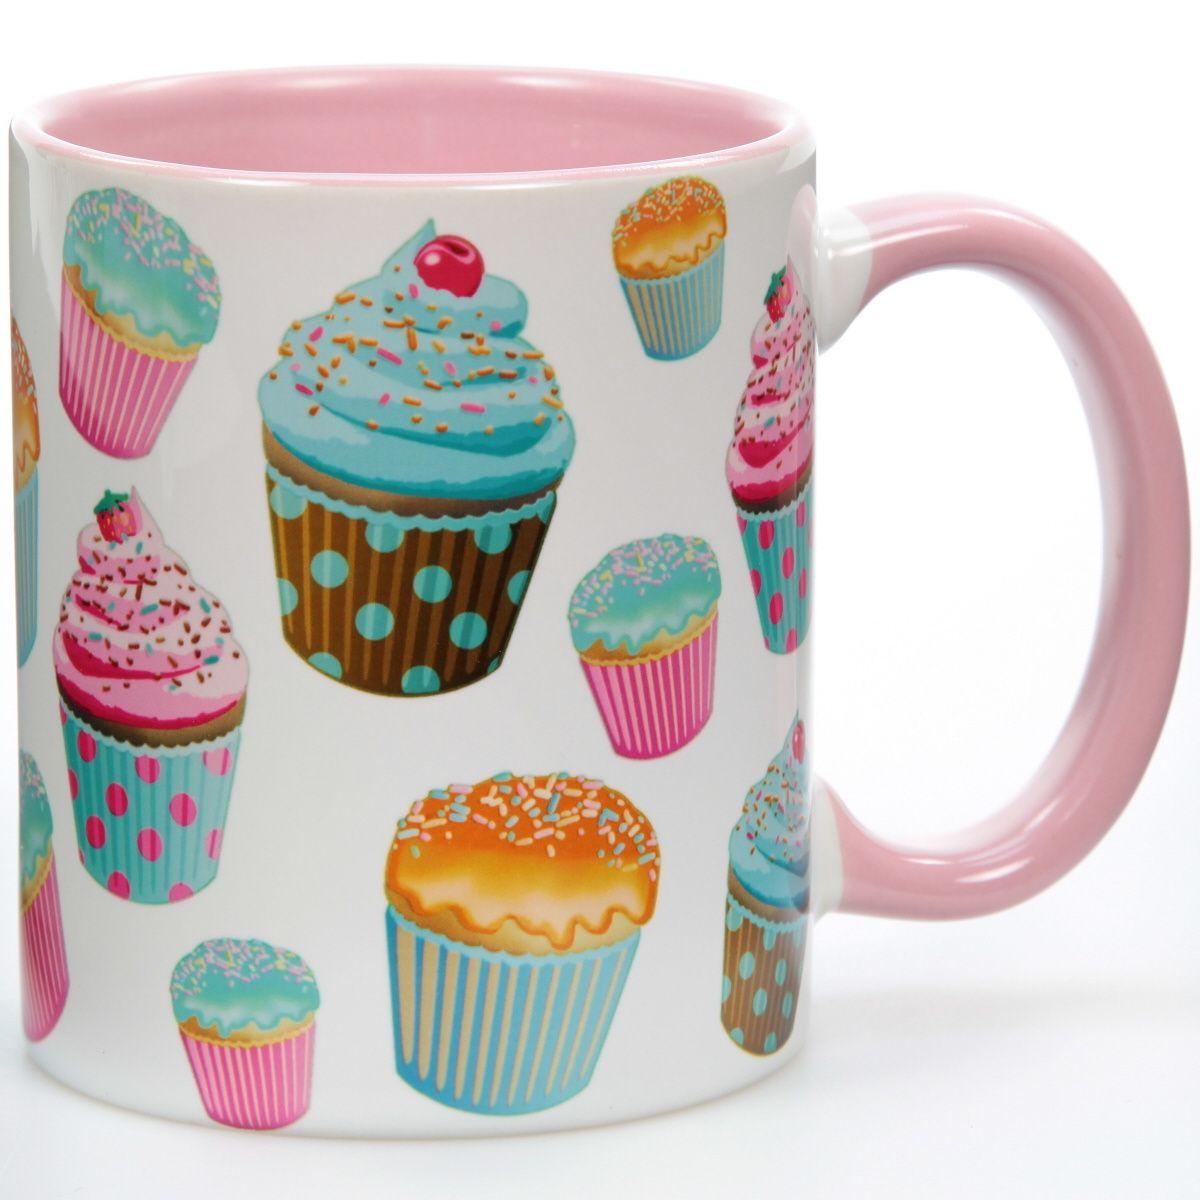 Cupcakes Vintage Ceramic Mug | Cafe Coffee Mugs | RetroPlanet.com